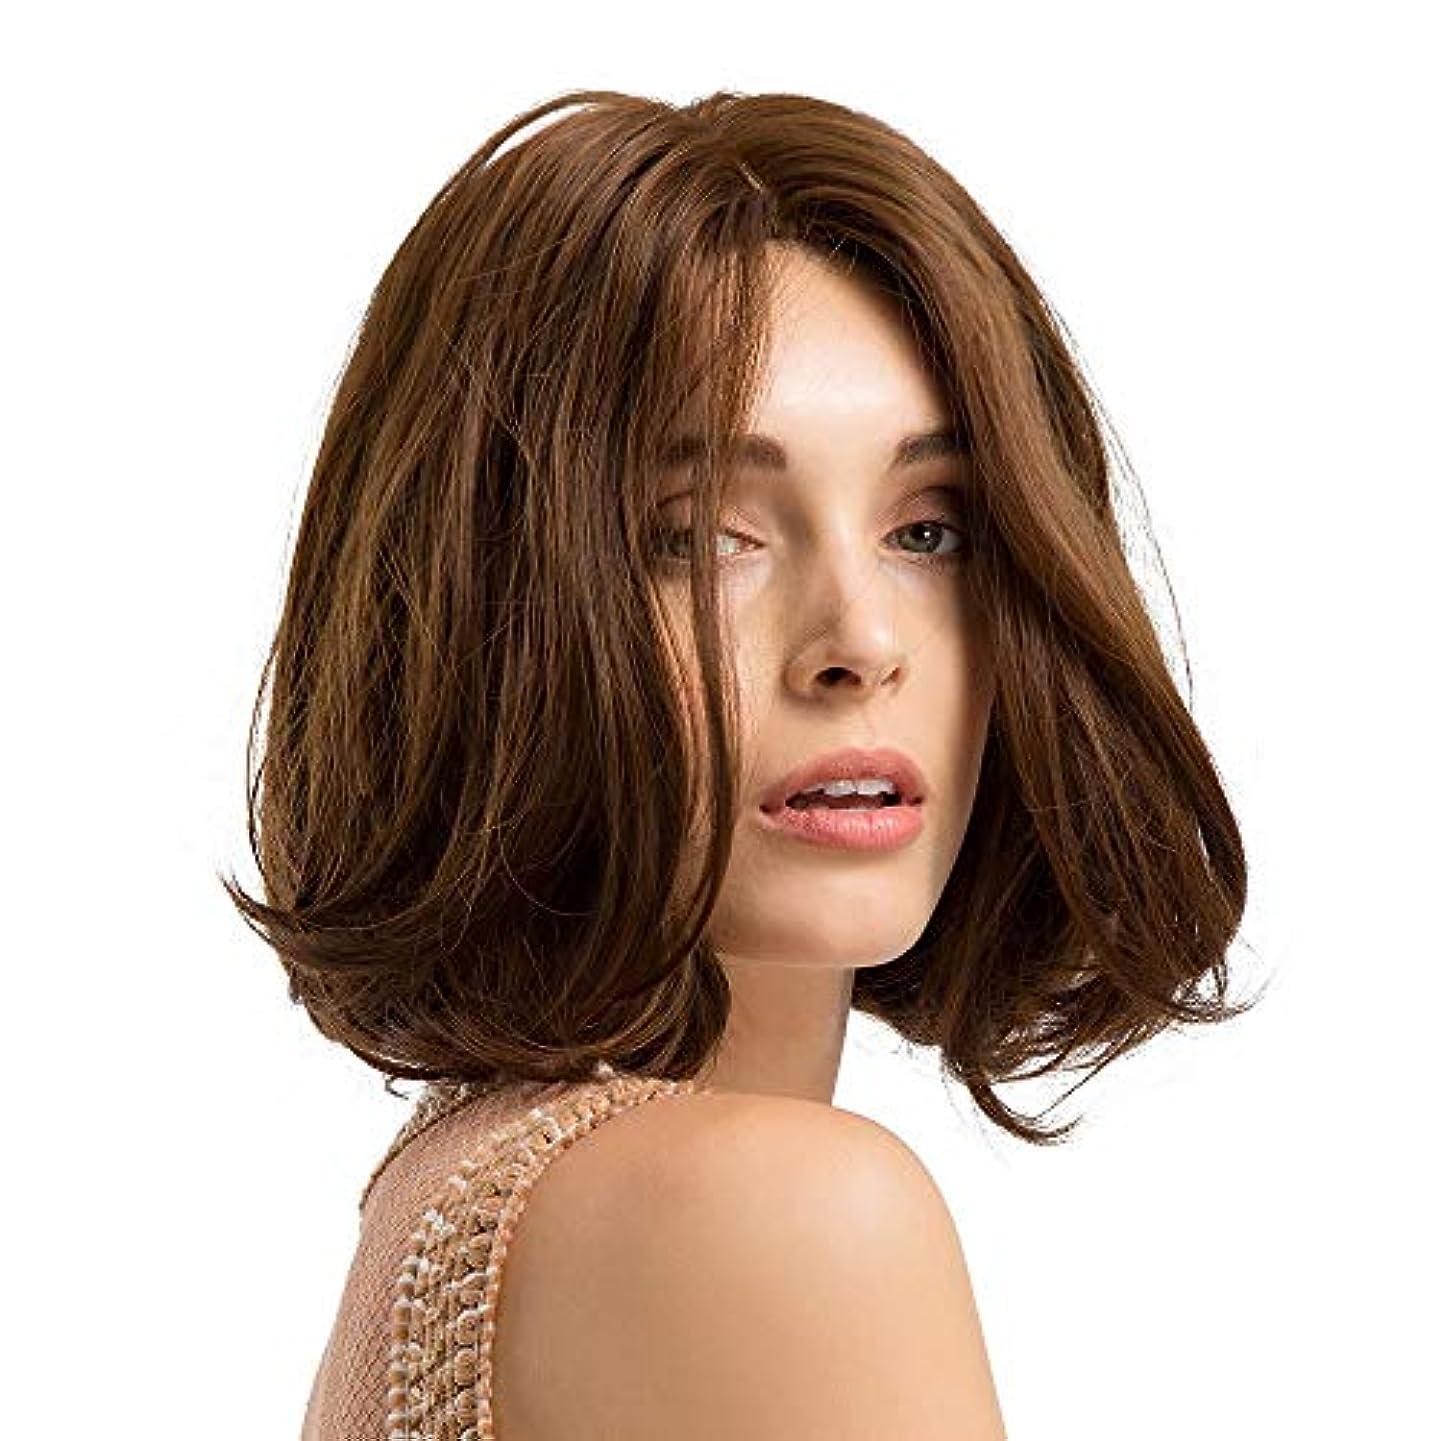 ミンチカバー反応する短い巻き毛のかつらマイクロボリュームかつら茶色のふわふわフルウィッグ10インチ